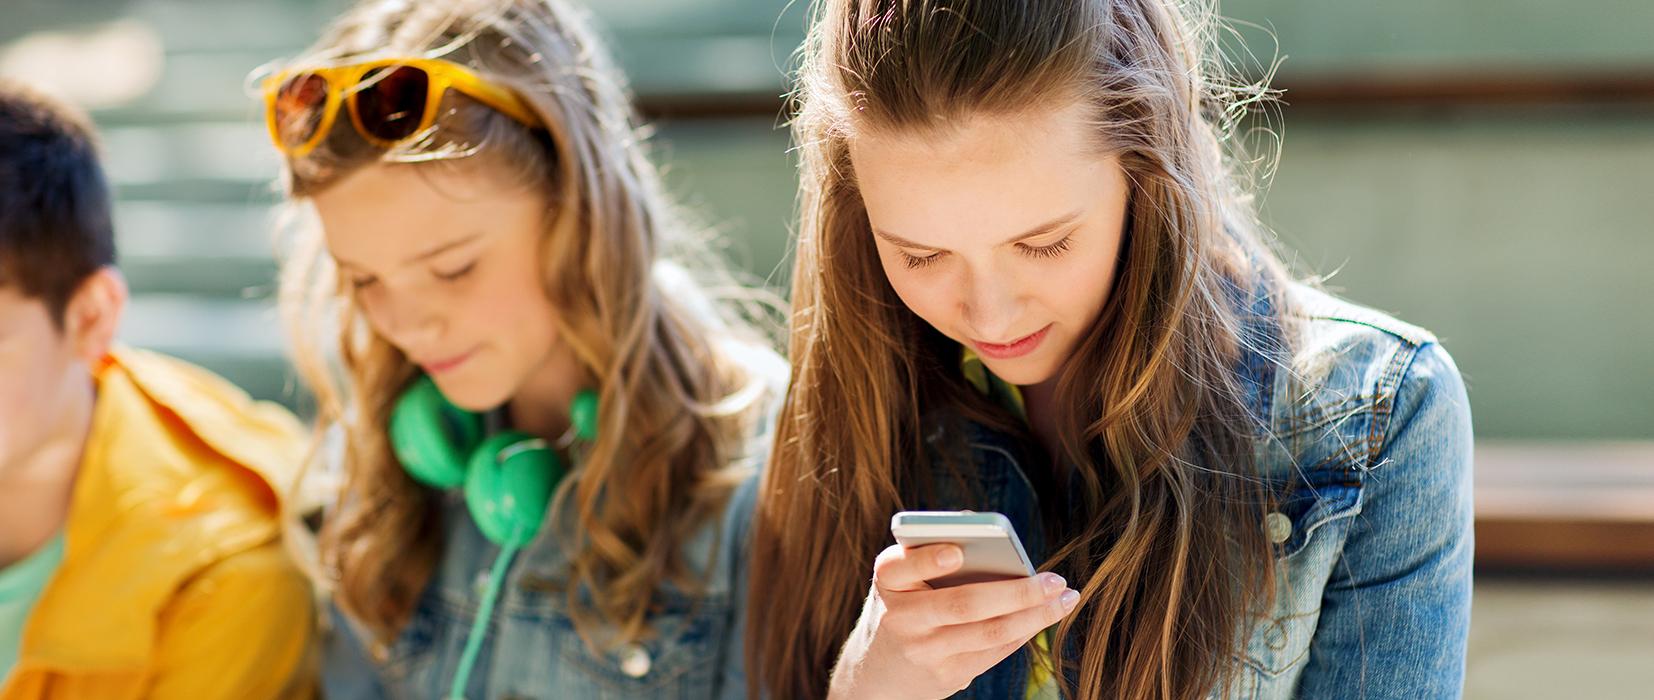 Wenn Kinder und Jugendliche online Verträge schließen